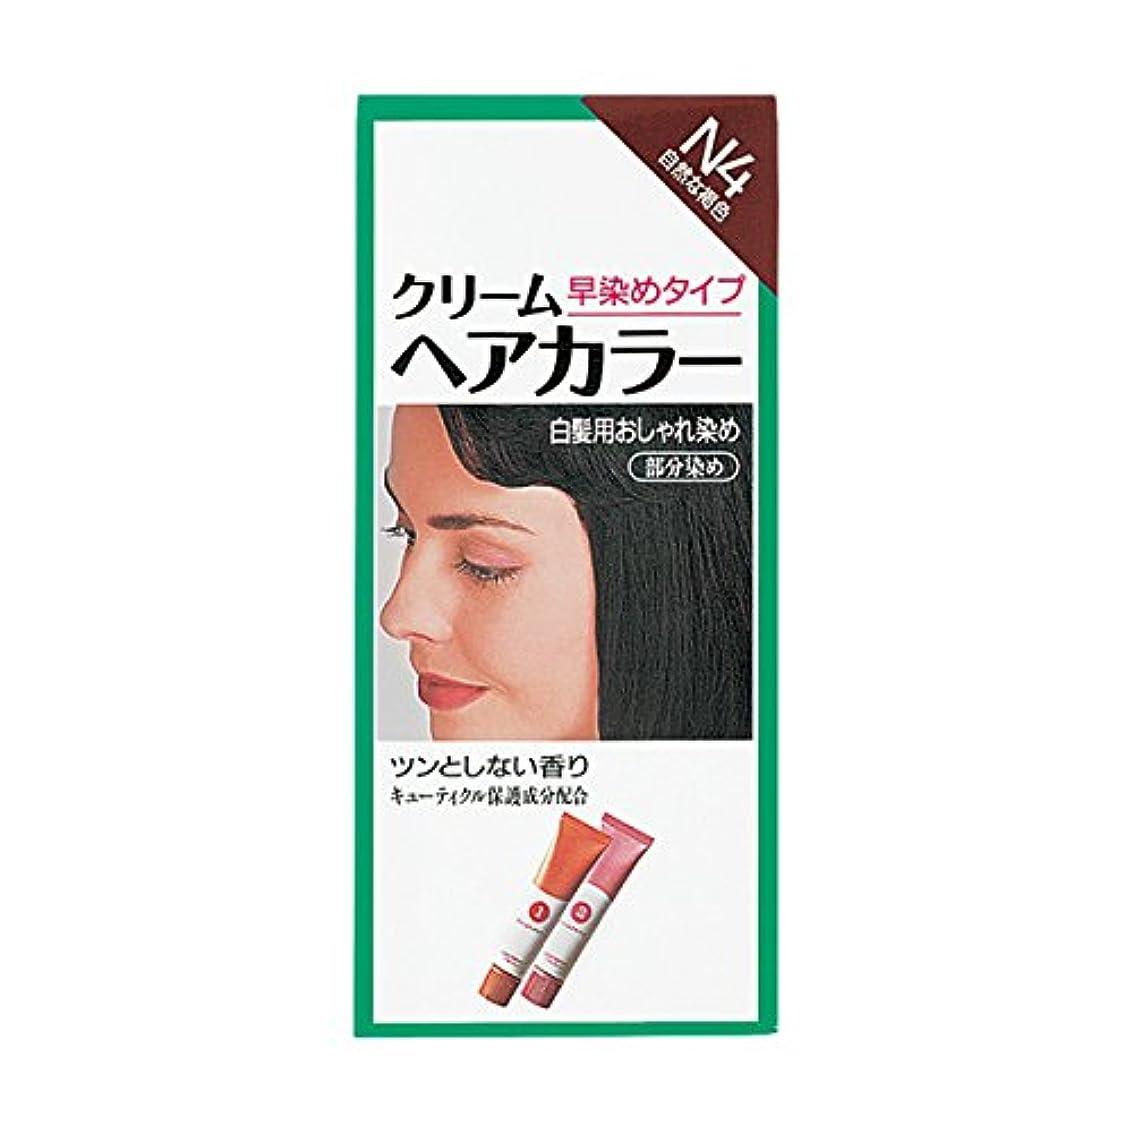 劇場遺伝的キリストヘアカラー クリームヘアカラーN N4 【医薬部外品】